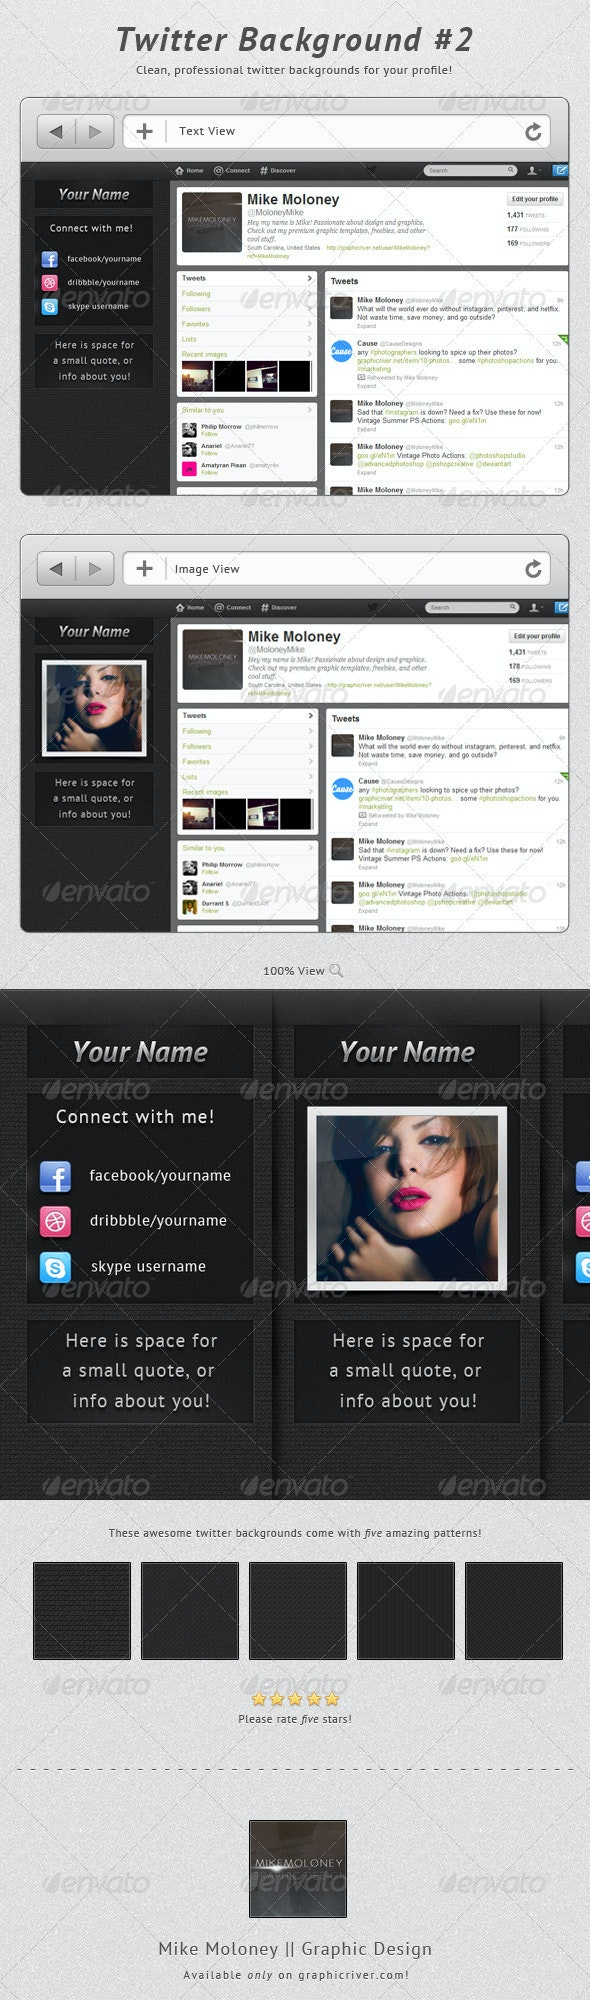 Twitter Background #2 - Twitter Social Media